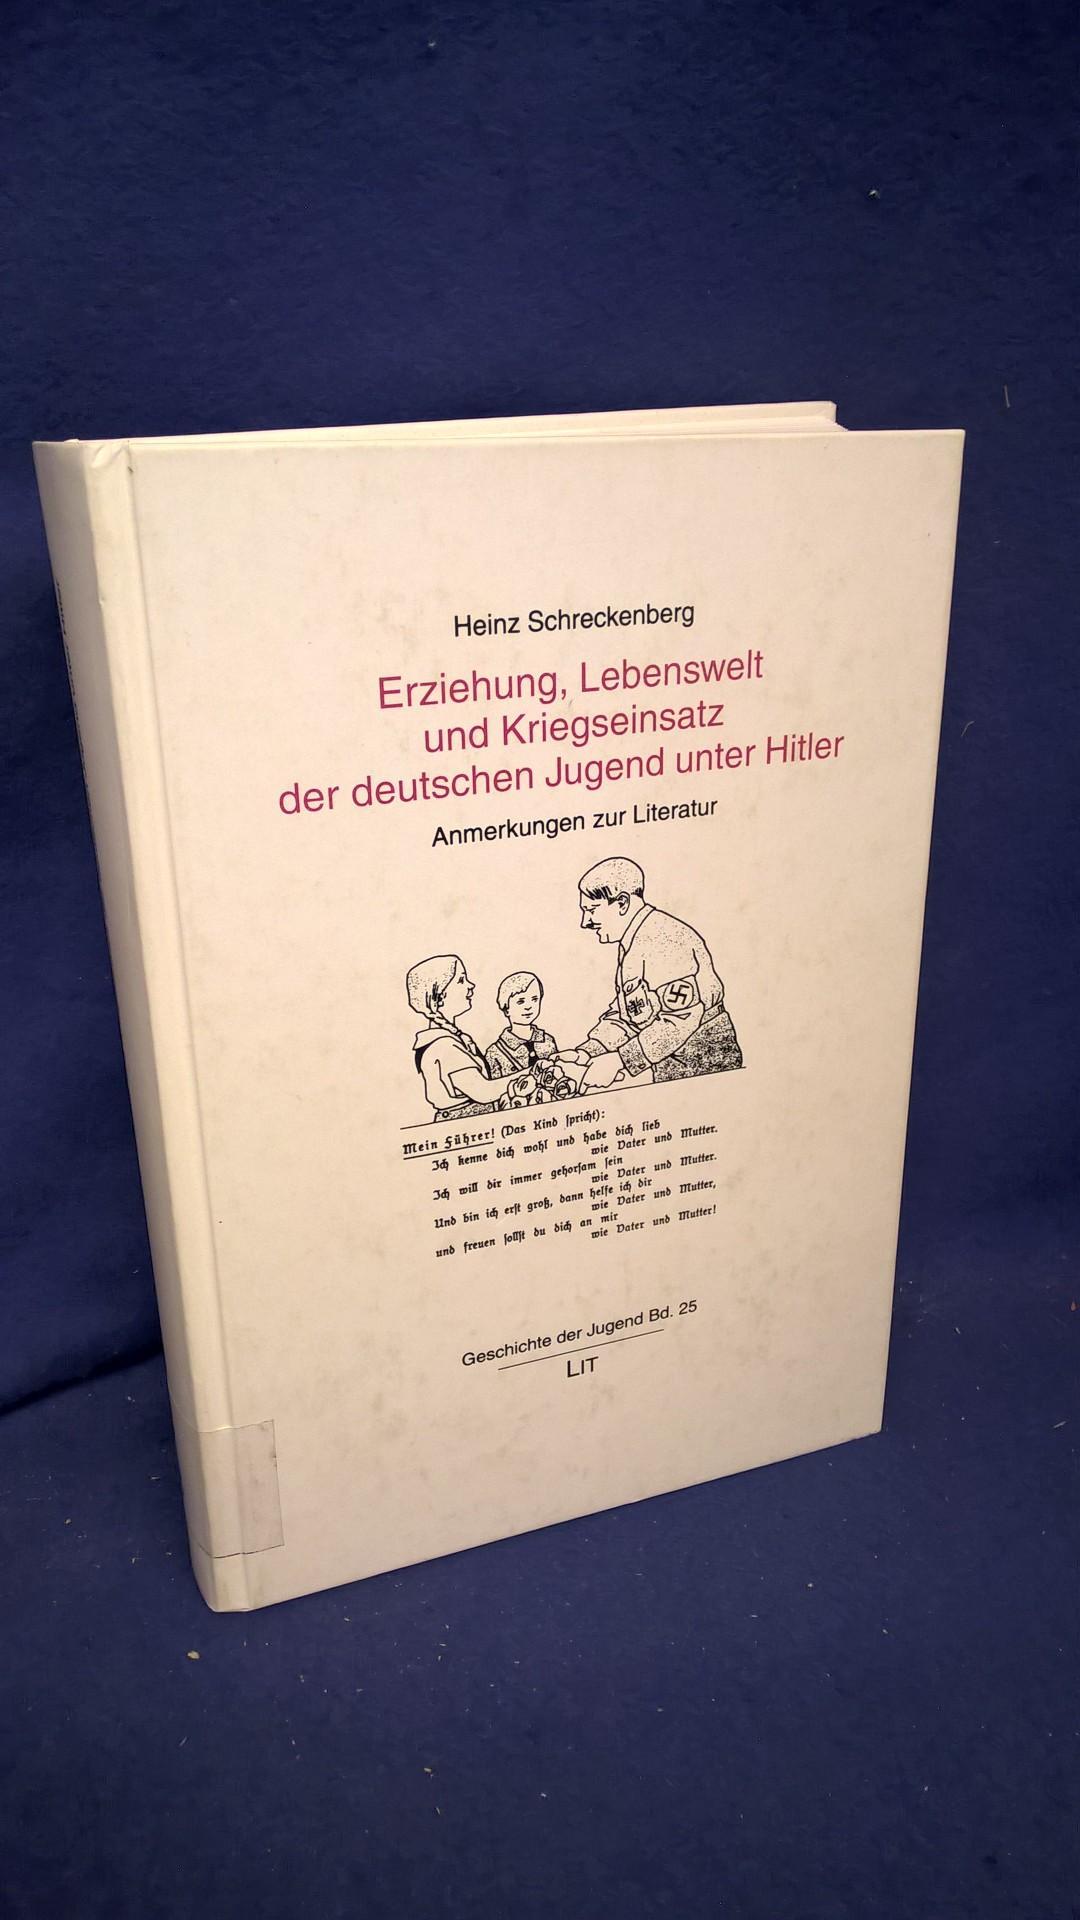 Erziehung, Lebenswelt und Kriegseinsatz der deutschen Jugend unter Hitler